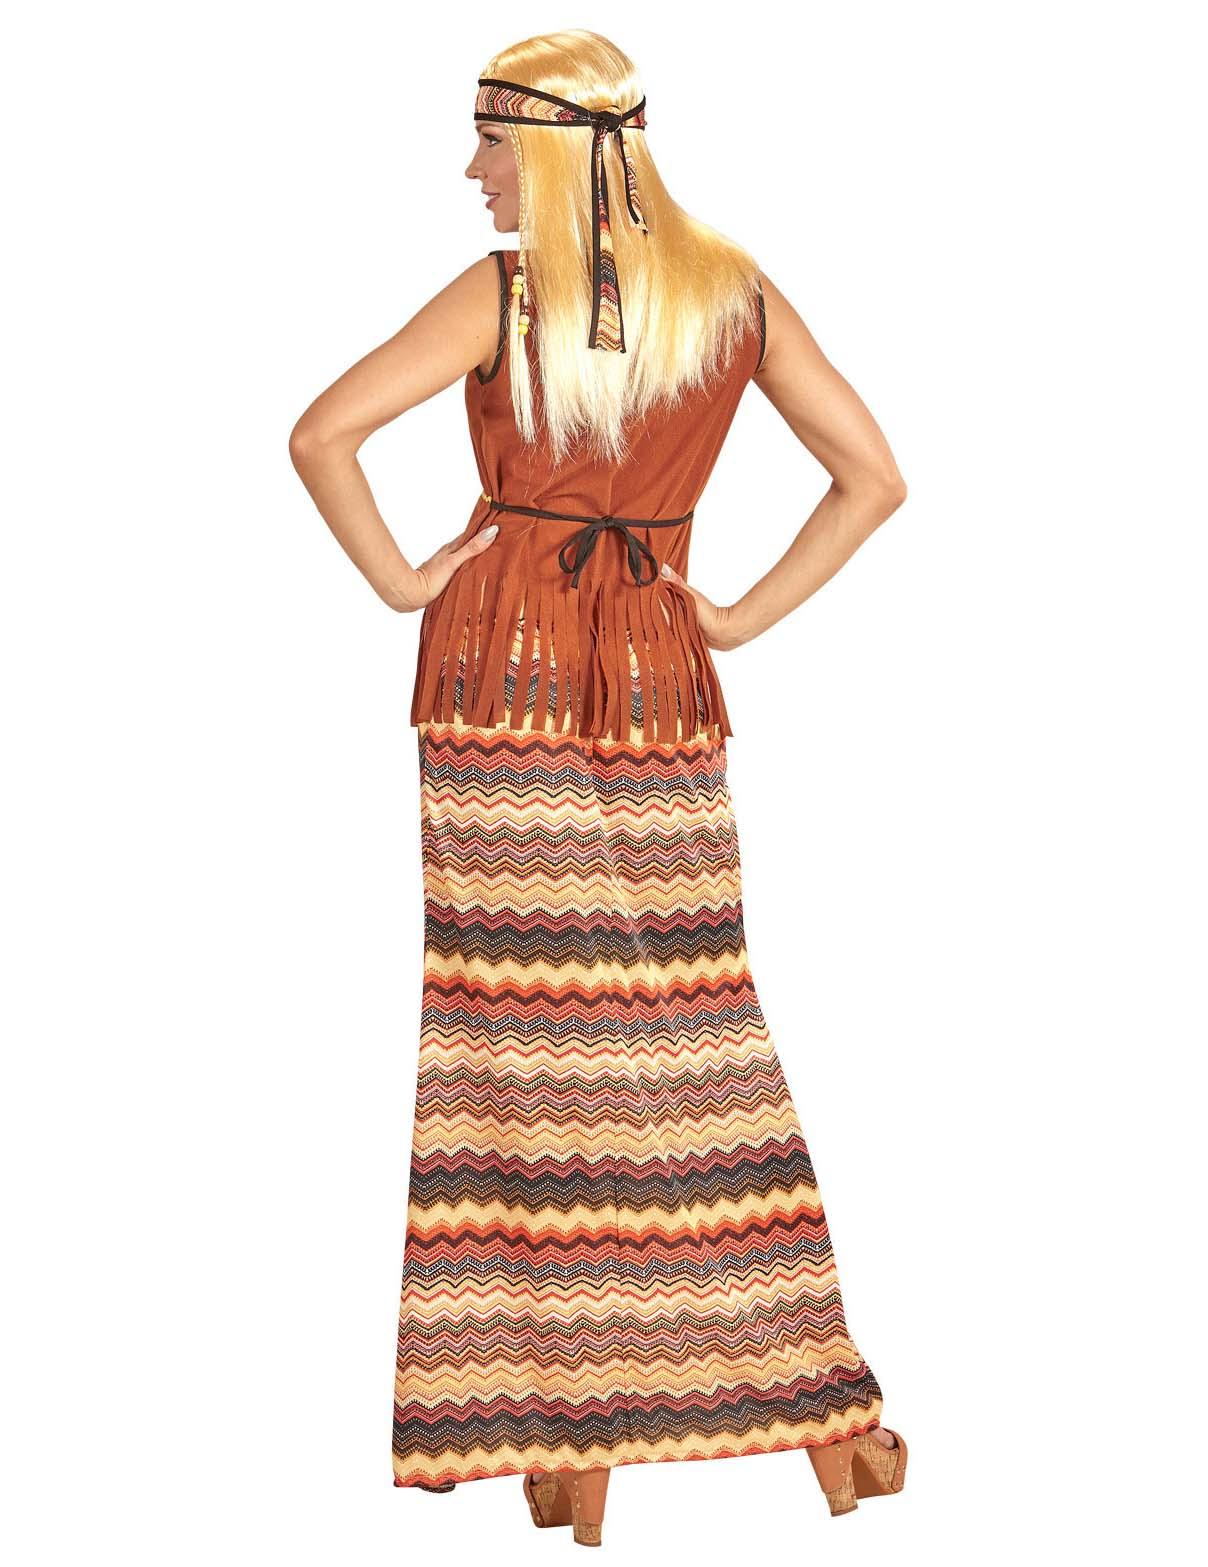 d guisement robe hippie longue femme deguise toi achat de d guisements adultes. Black Bedroom Furniture Sets. Home Design Ideas